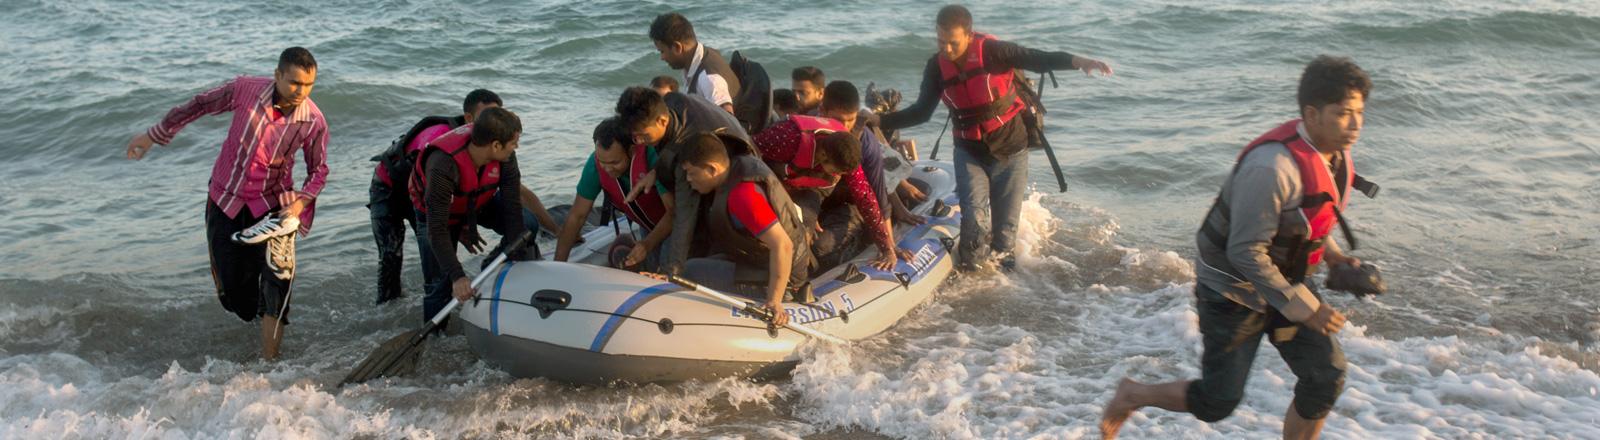 Fluechtlinge kommen auf der griechischen Insel Kos an.